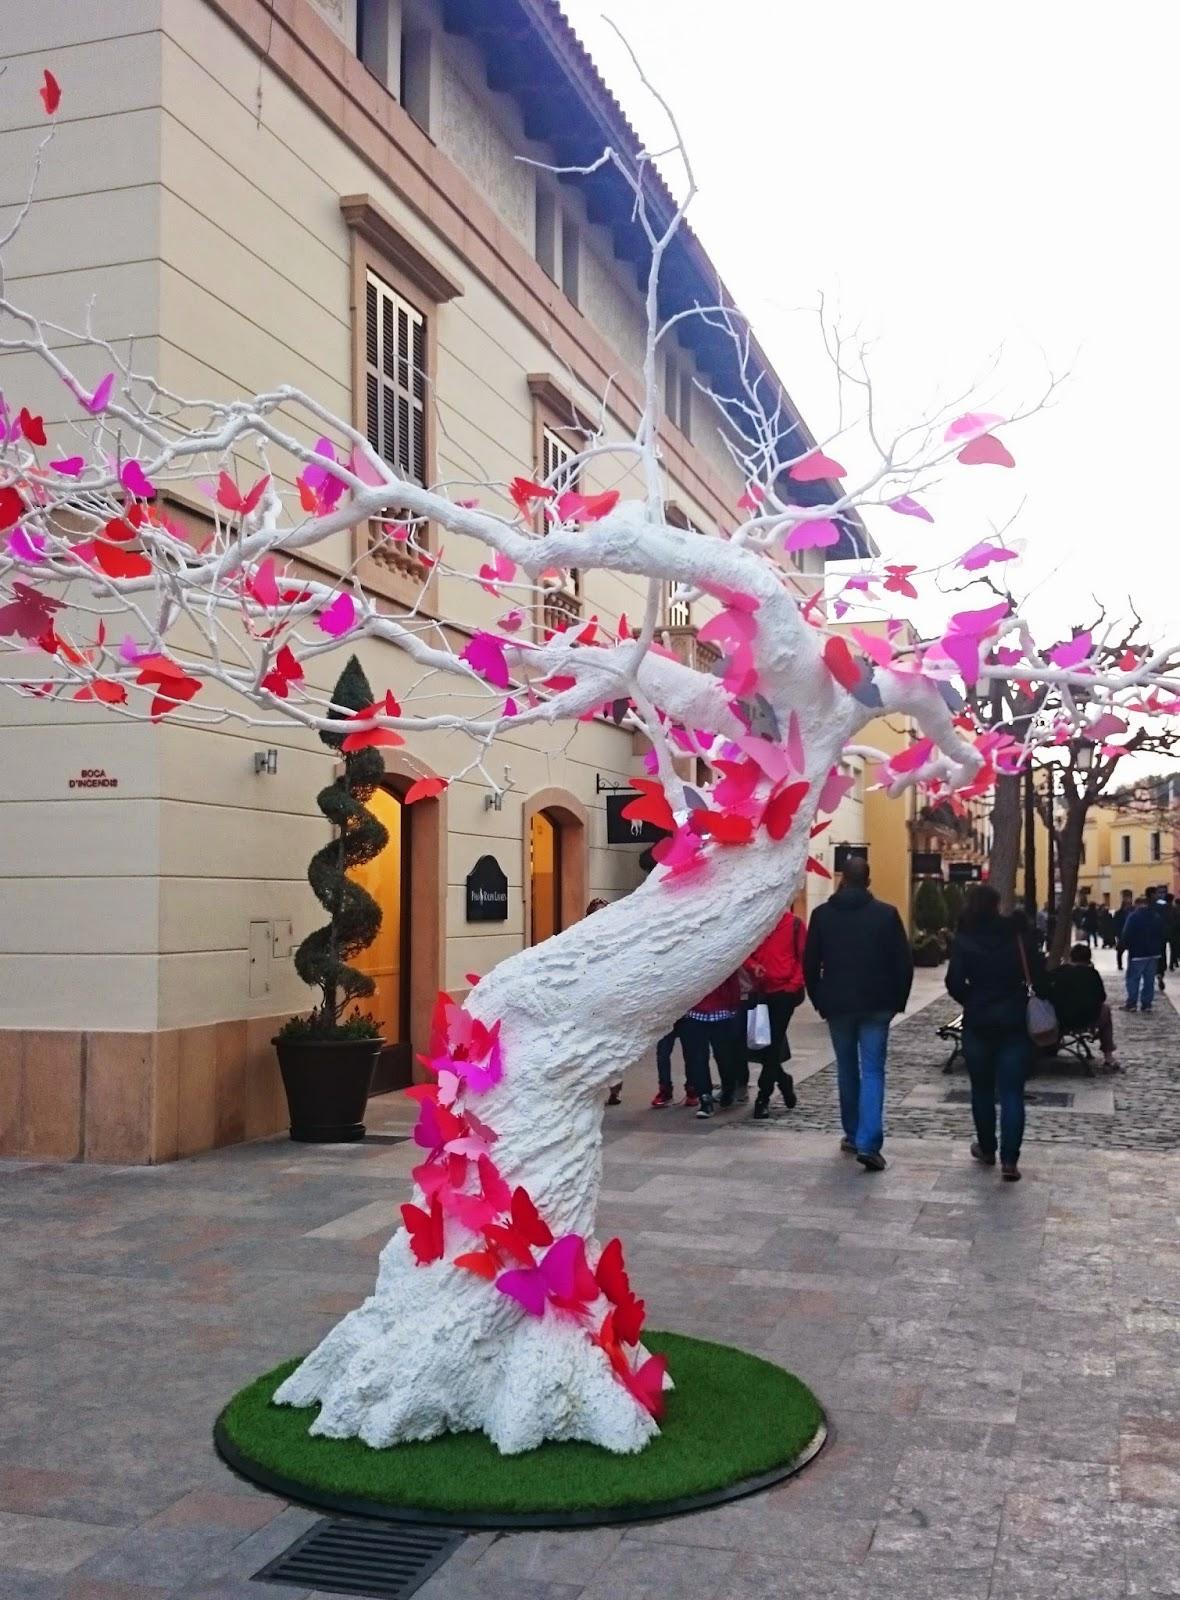 motylki z papieru jak zrobić,białe drzewo, Barcelona, ozdobne drzewo,inspiracje podróże dekoracje, blog DIy lifestyle,outlet pod Barceloną